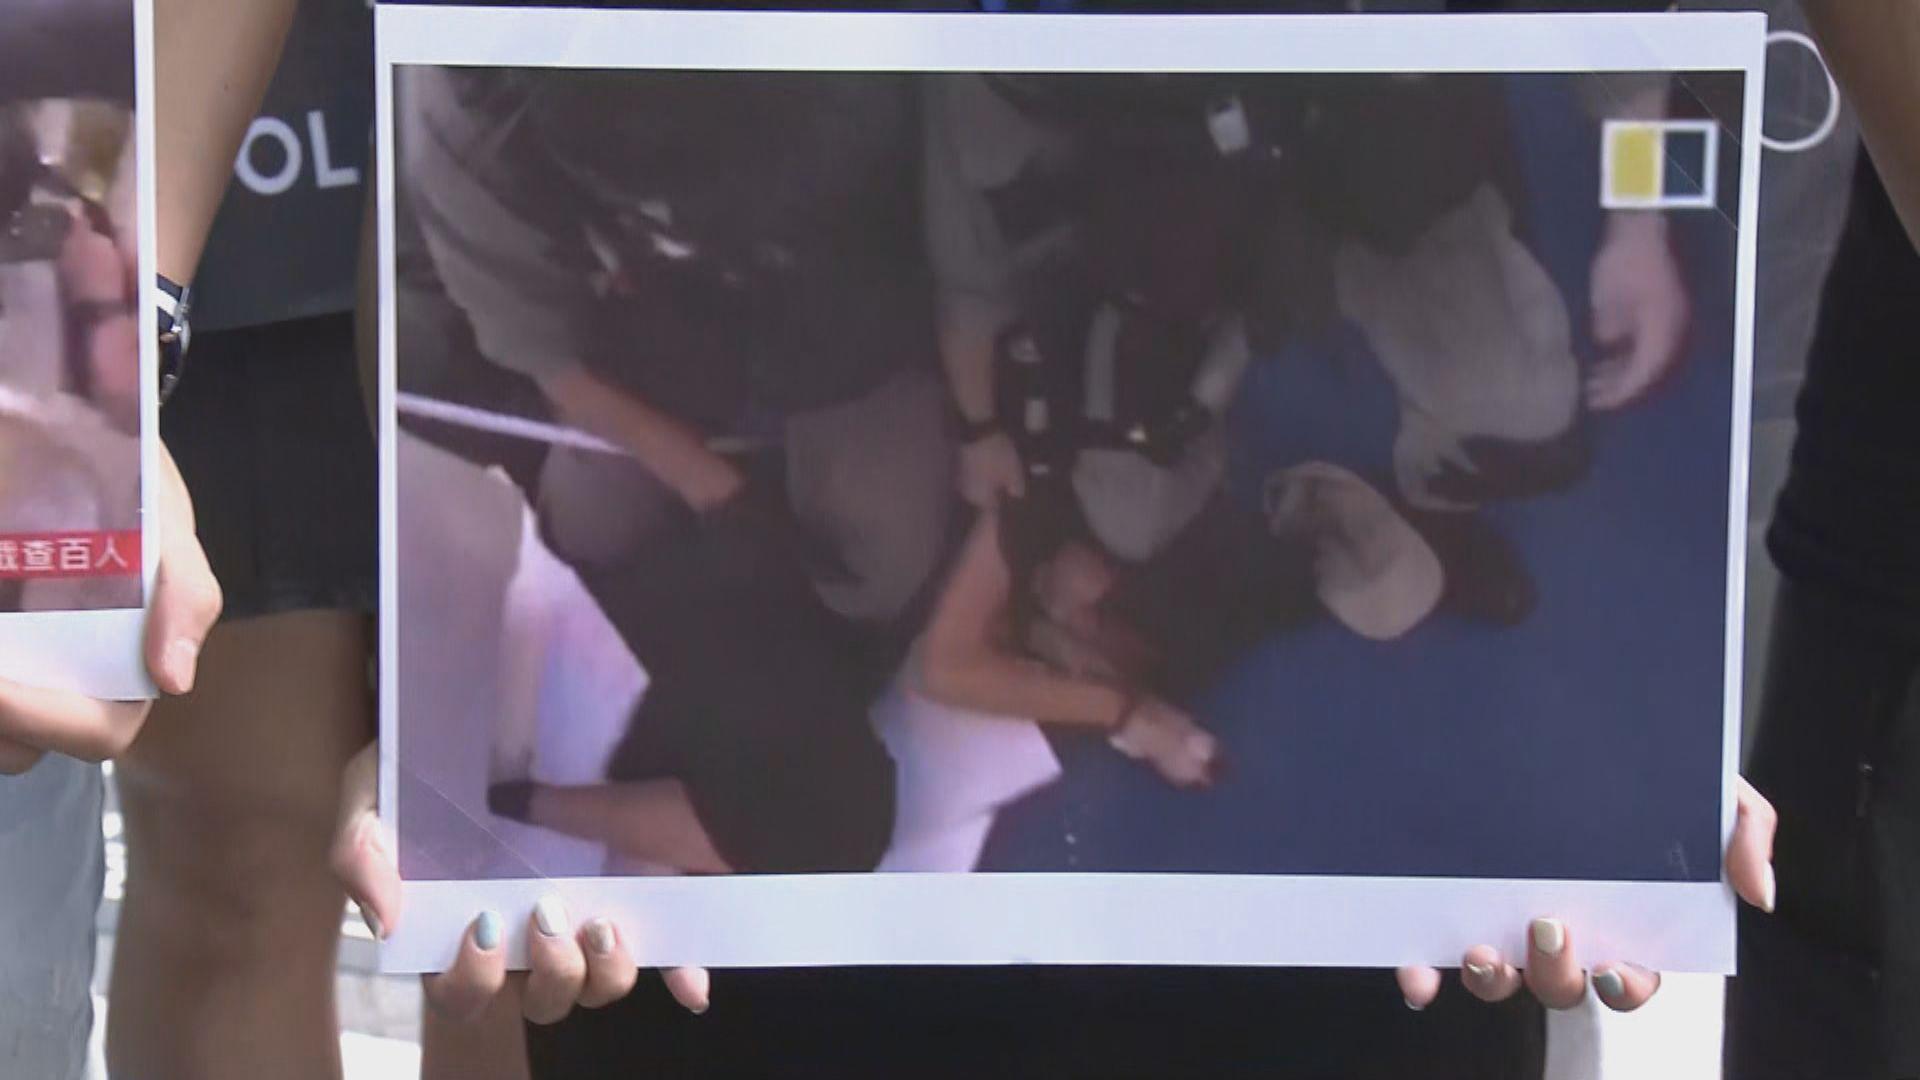 中五女生報稱612一周年晚上被捕時遭警壓頸感頭暈